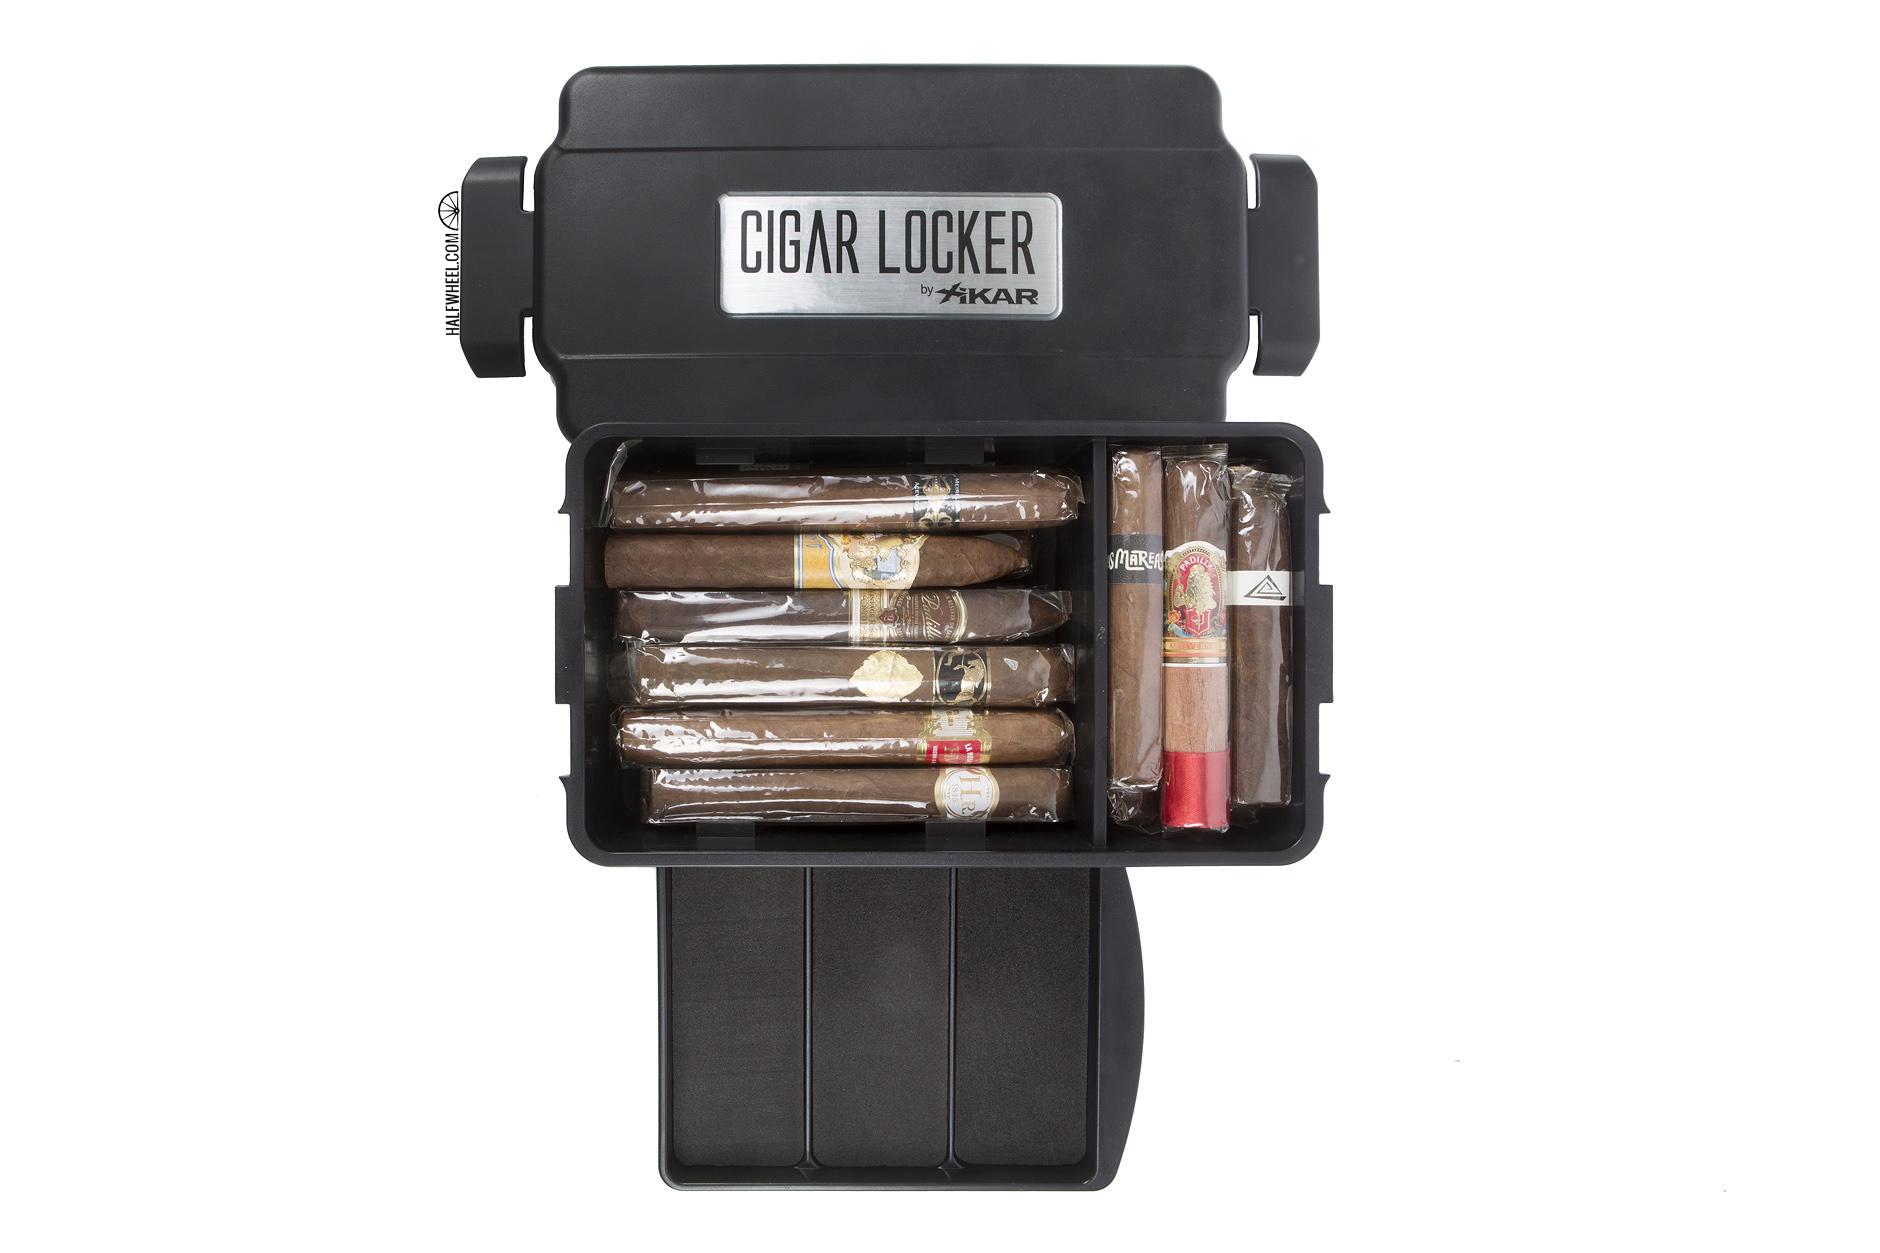 xikar-cigar-locker-full